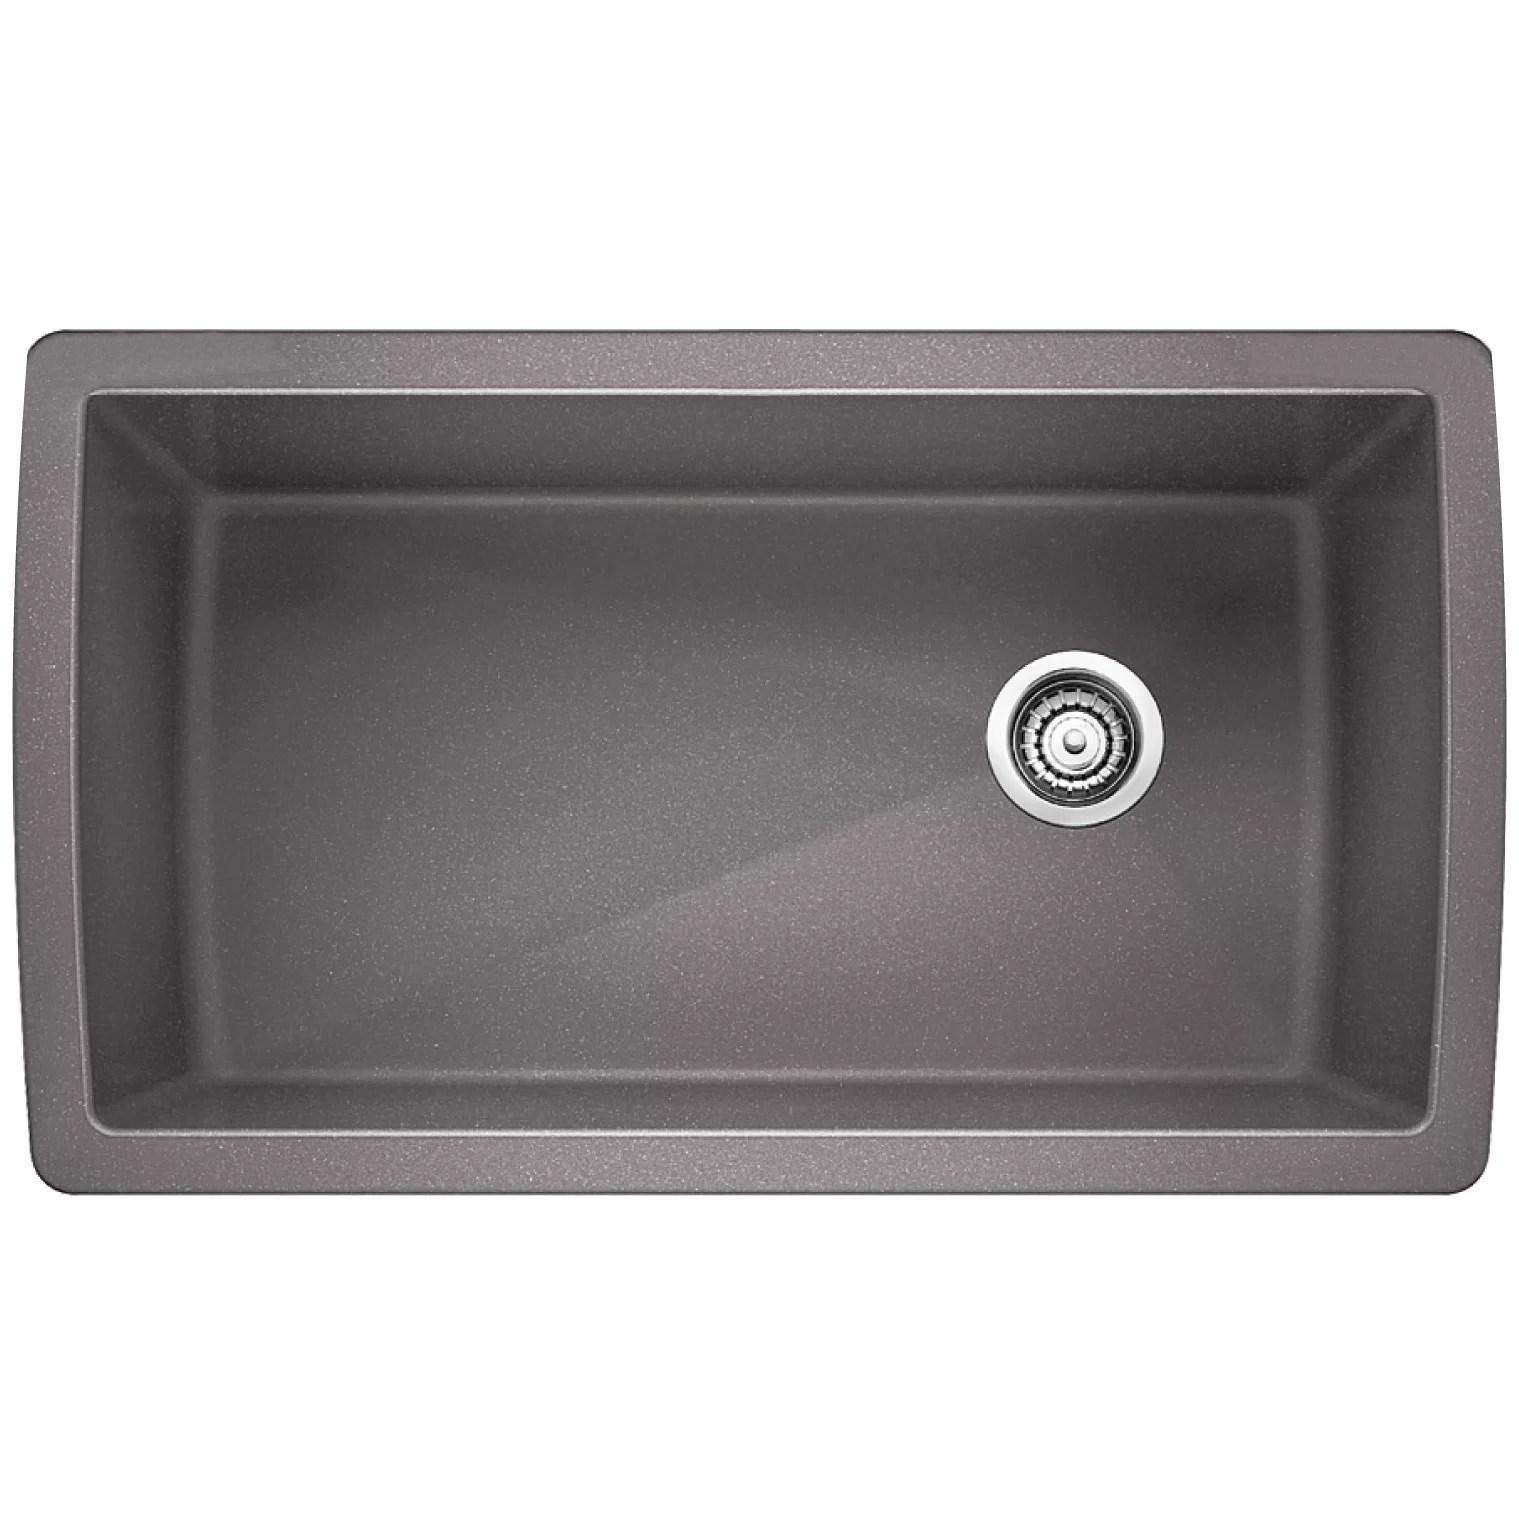 granite composite kitchen sinks c a~ white kitchen sink undermount QUICK VIEW White Diamond 33 5 18 5 Undermount Kitchen